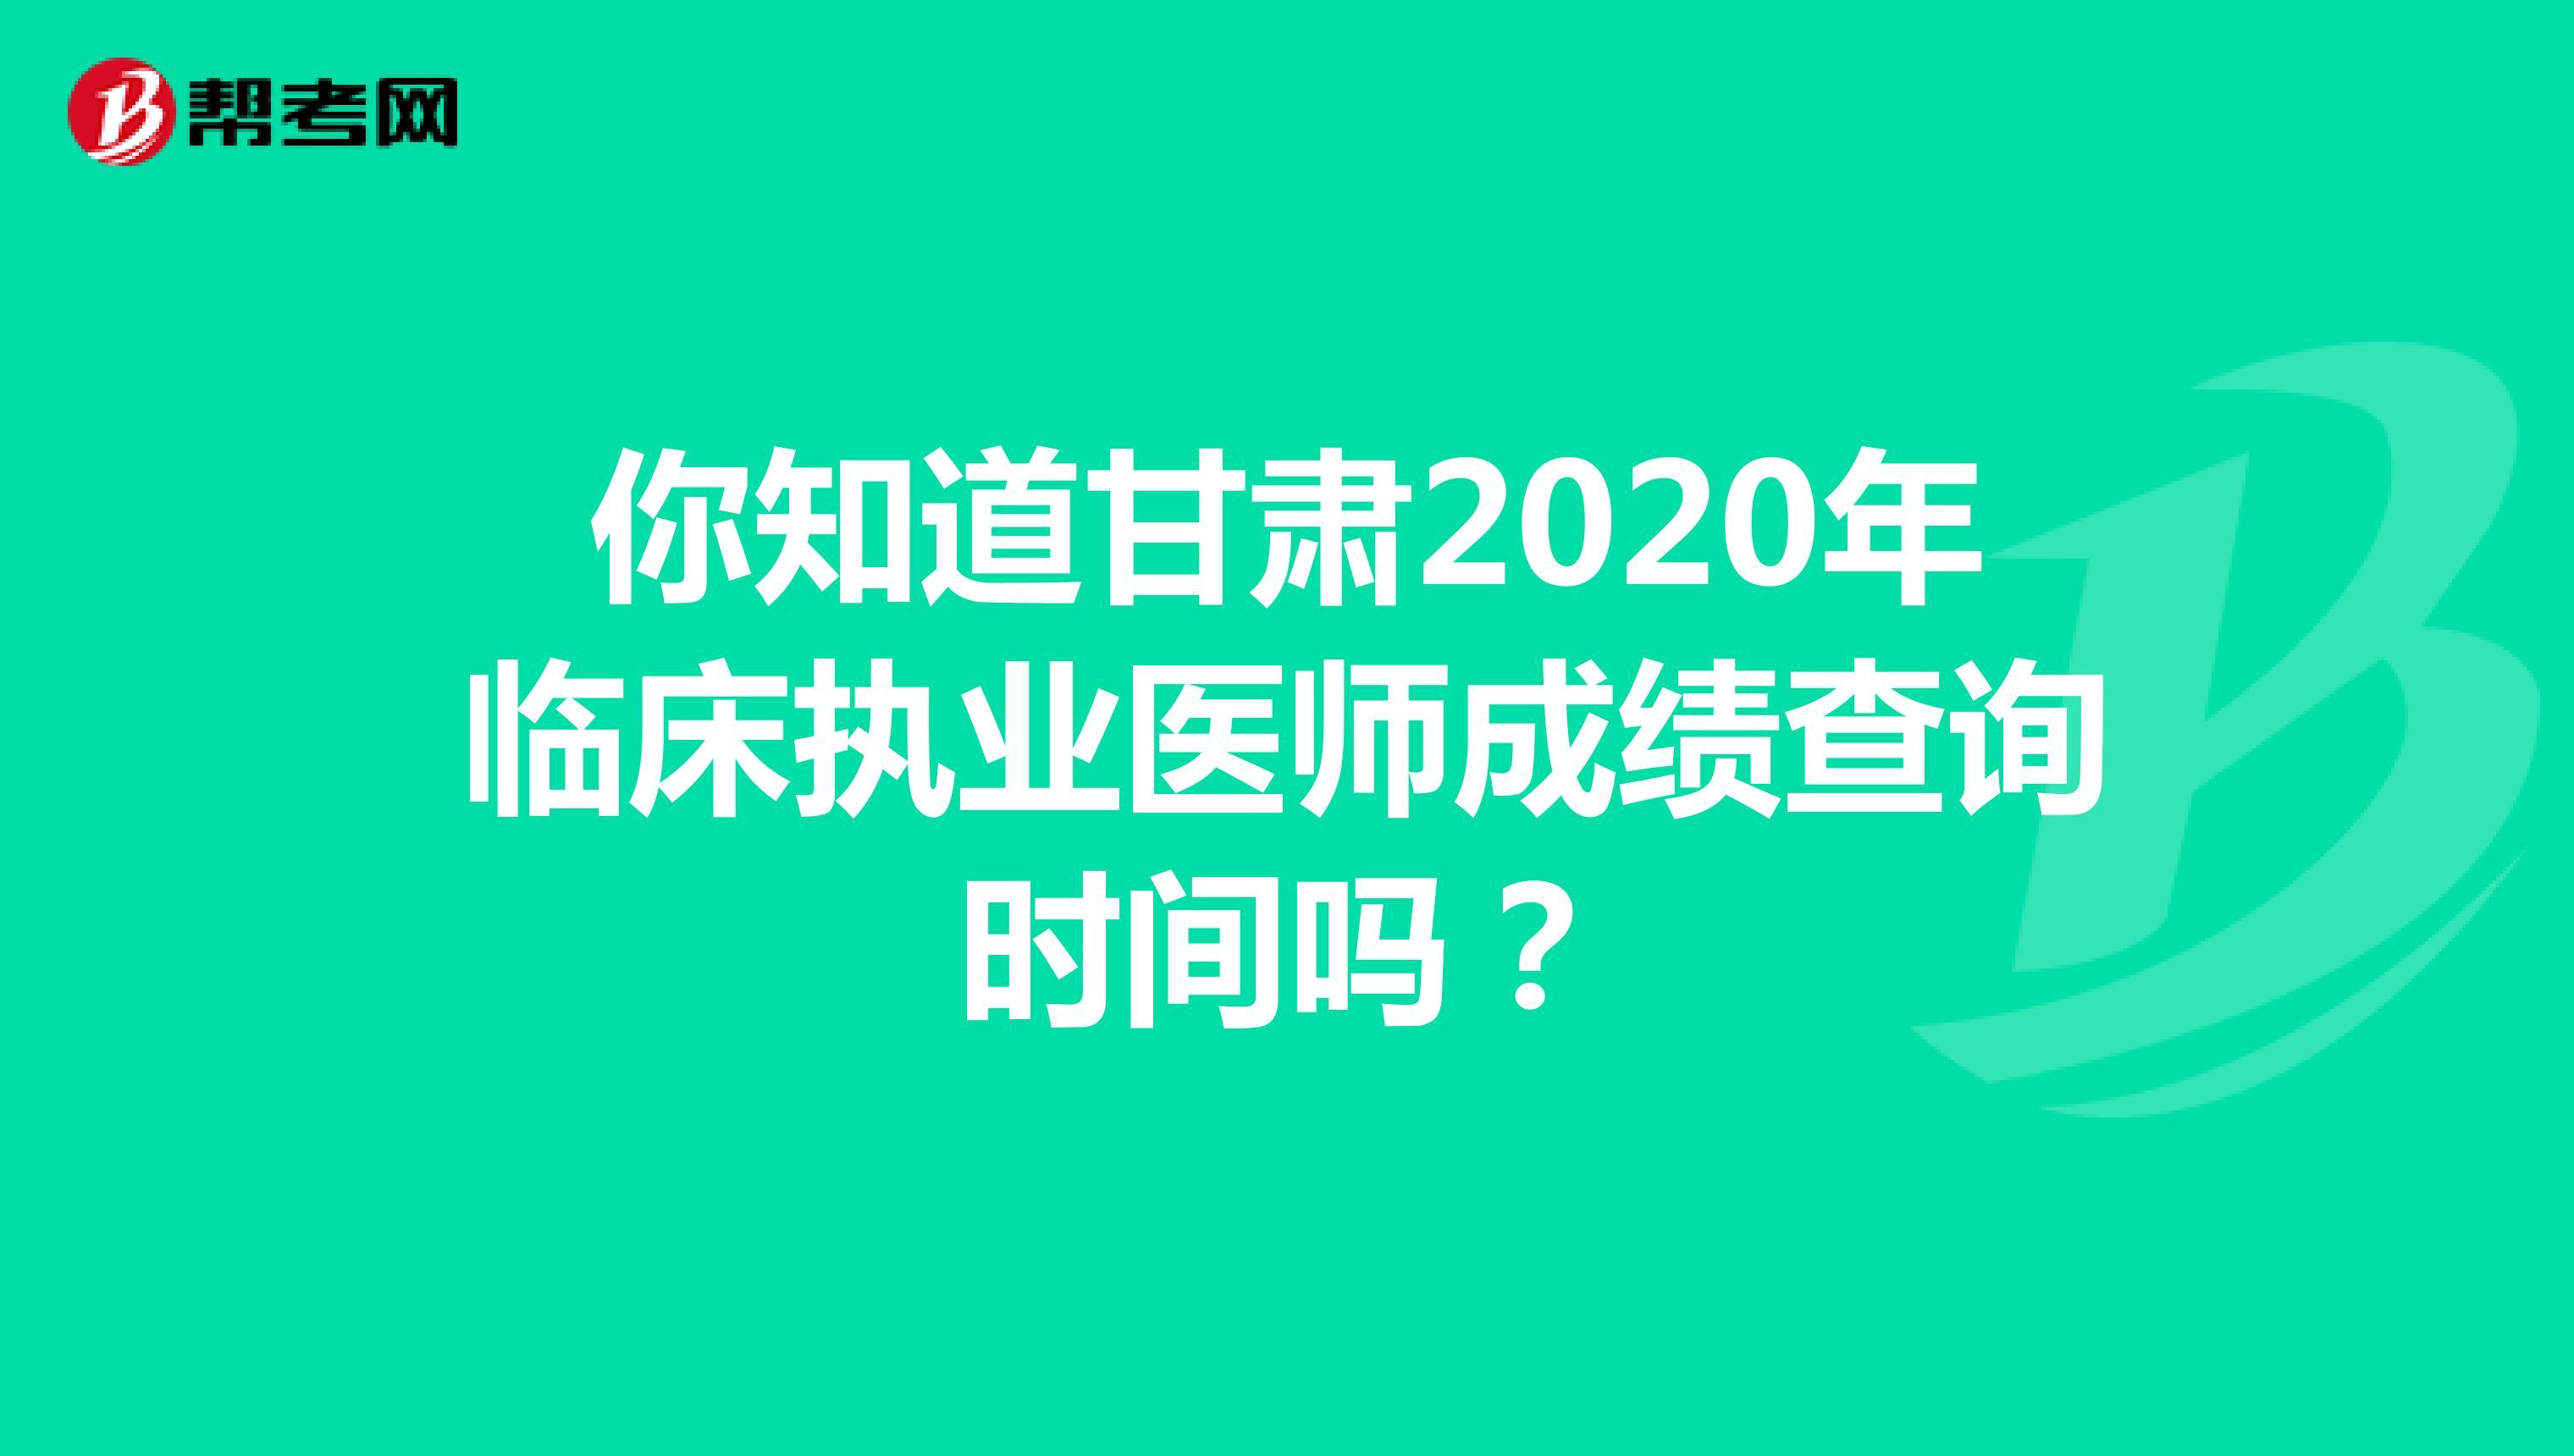 你知道甘肃2020年临床执业医师成绩查询时间吗?